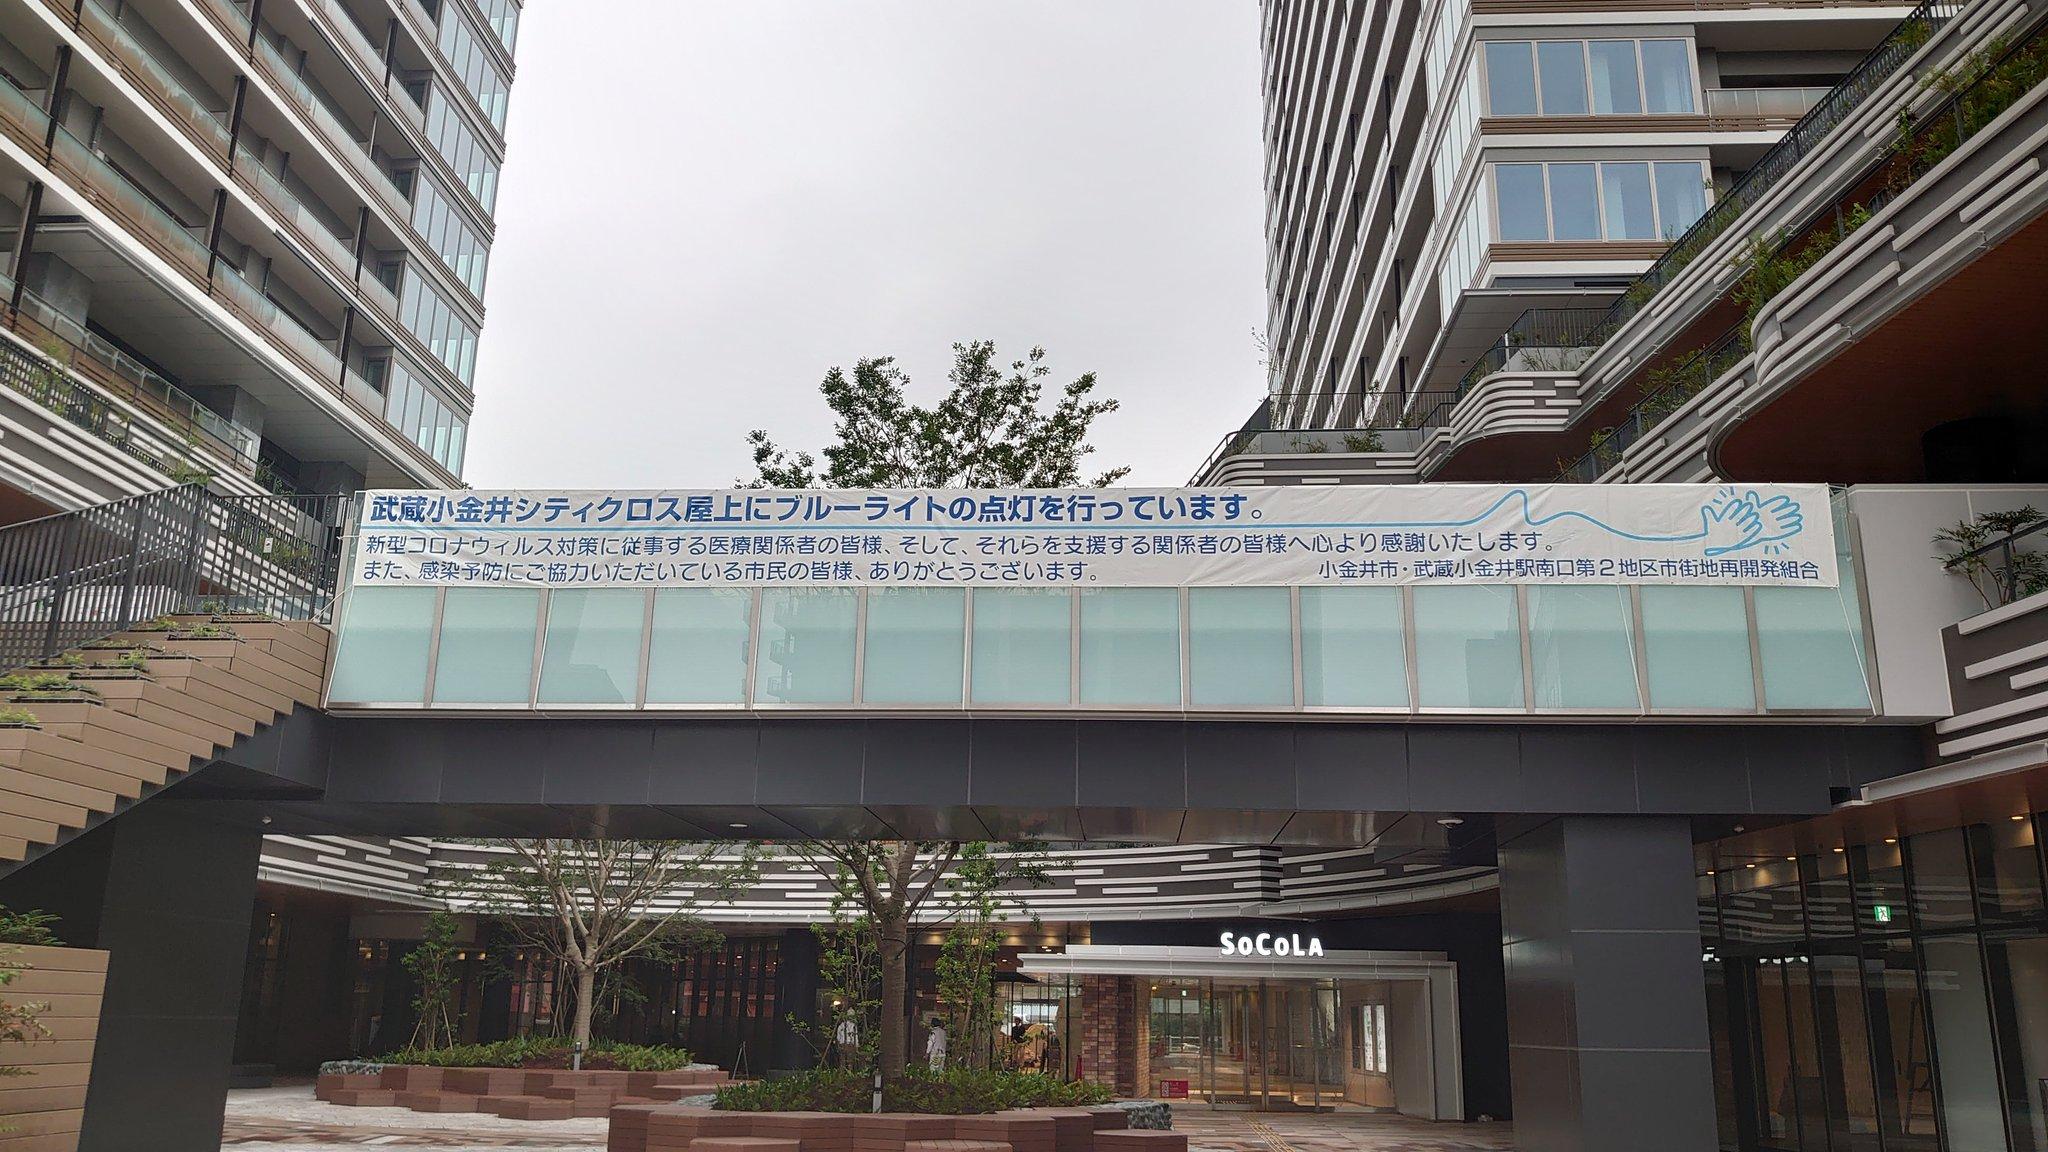 シティ クロス 小金井 武蔵